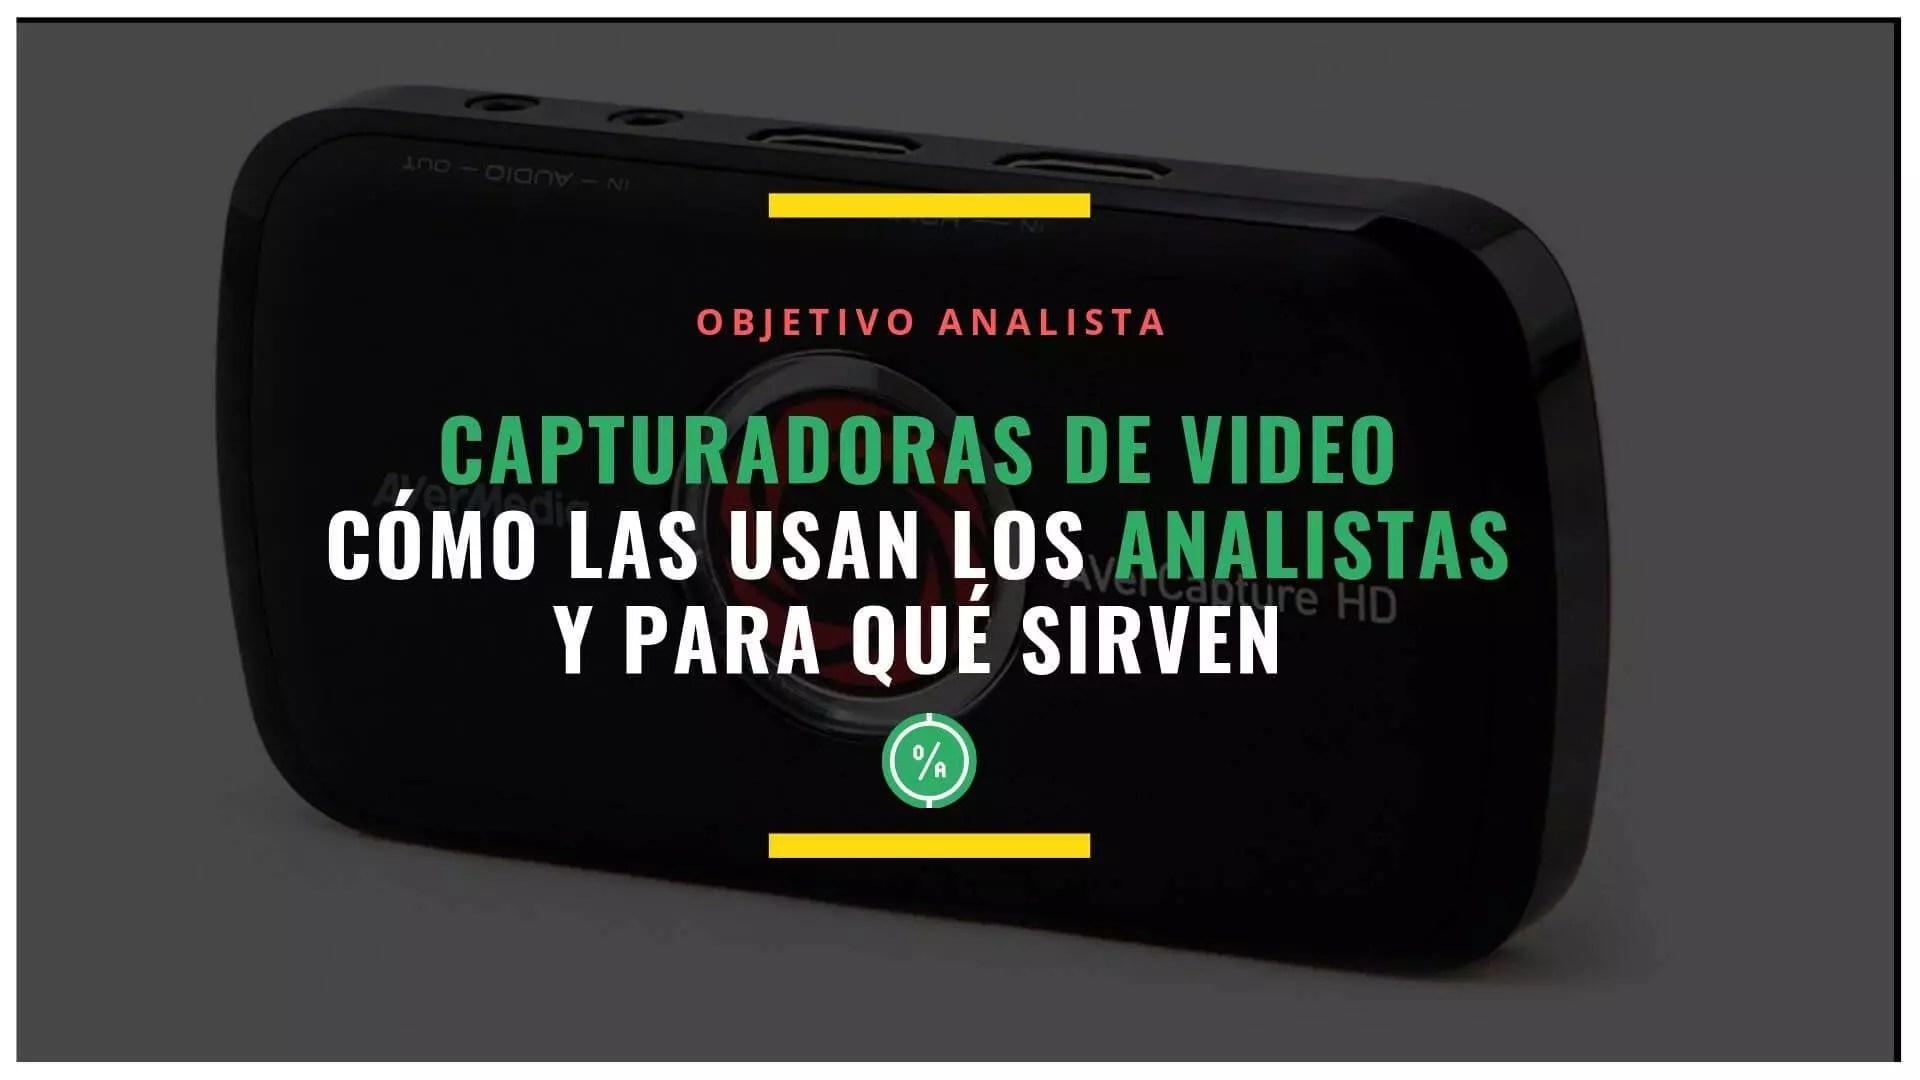 Capturadoras de vídeo: cómo las usan los analistas y para qué sirven